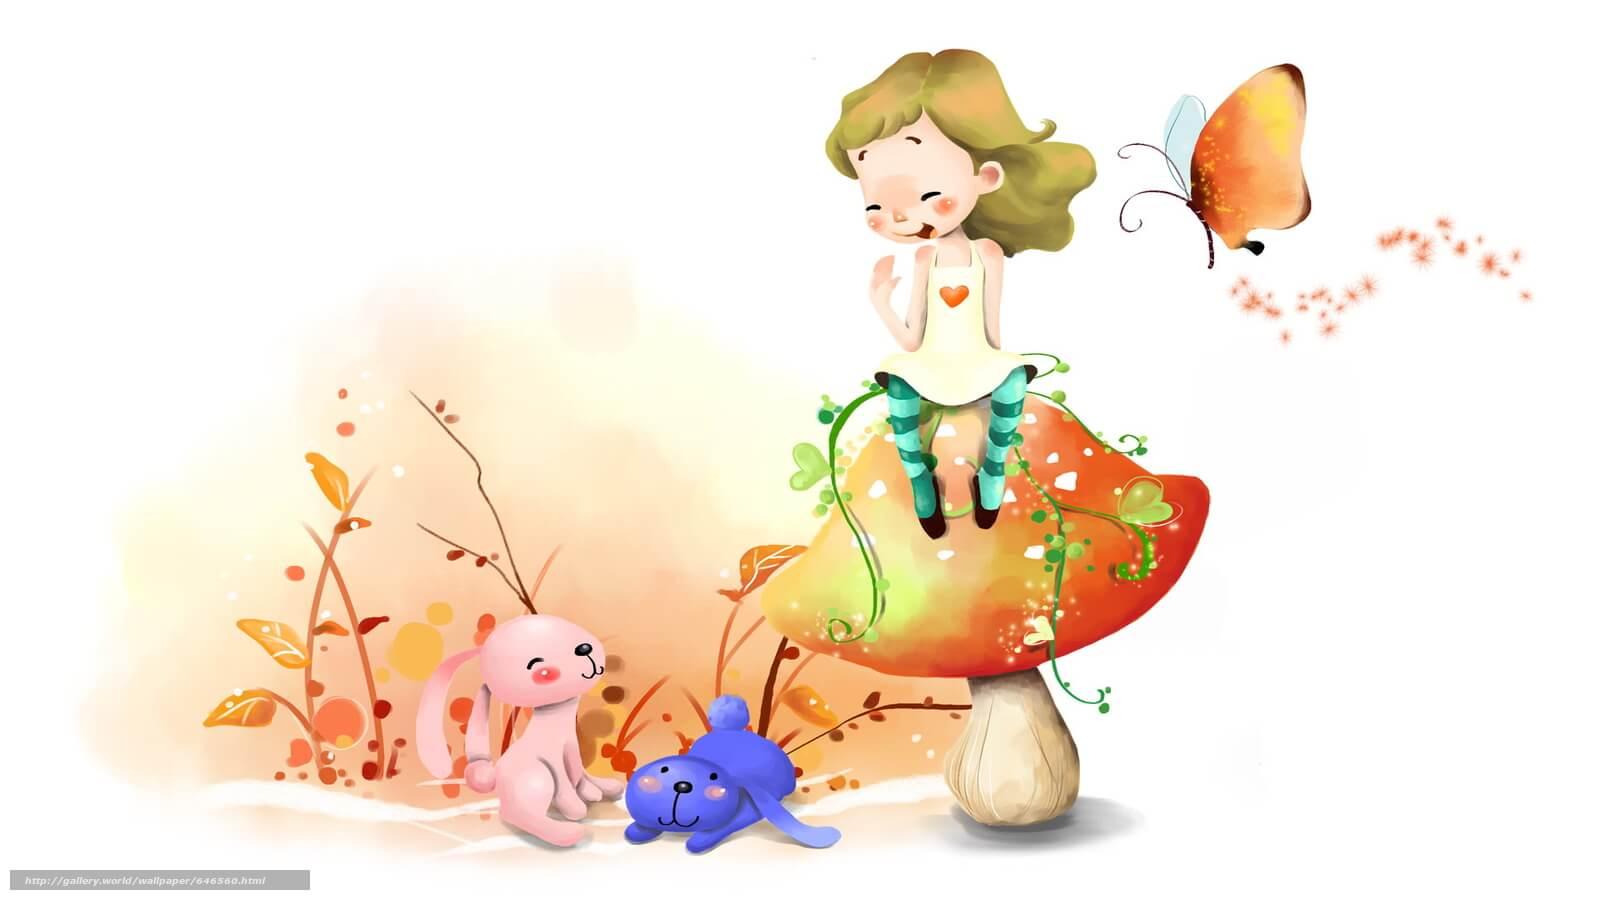 Картинки про детей в детском саду - рисунки, арты 7